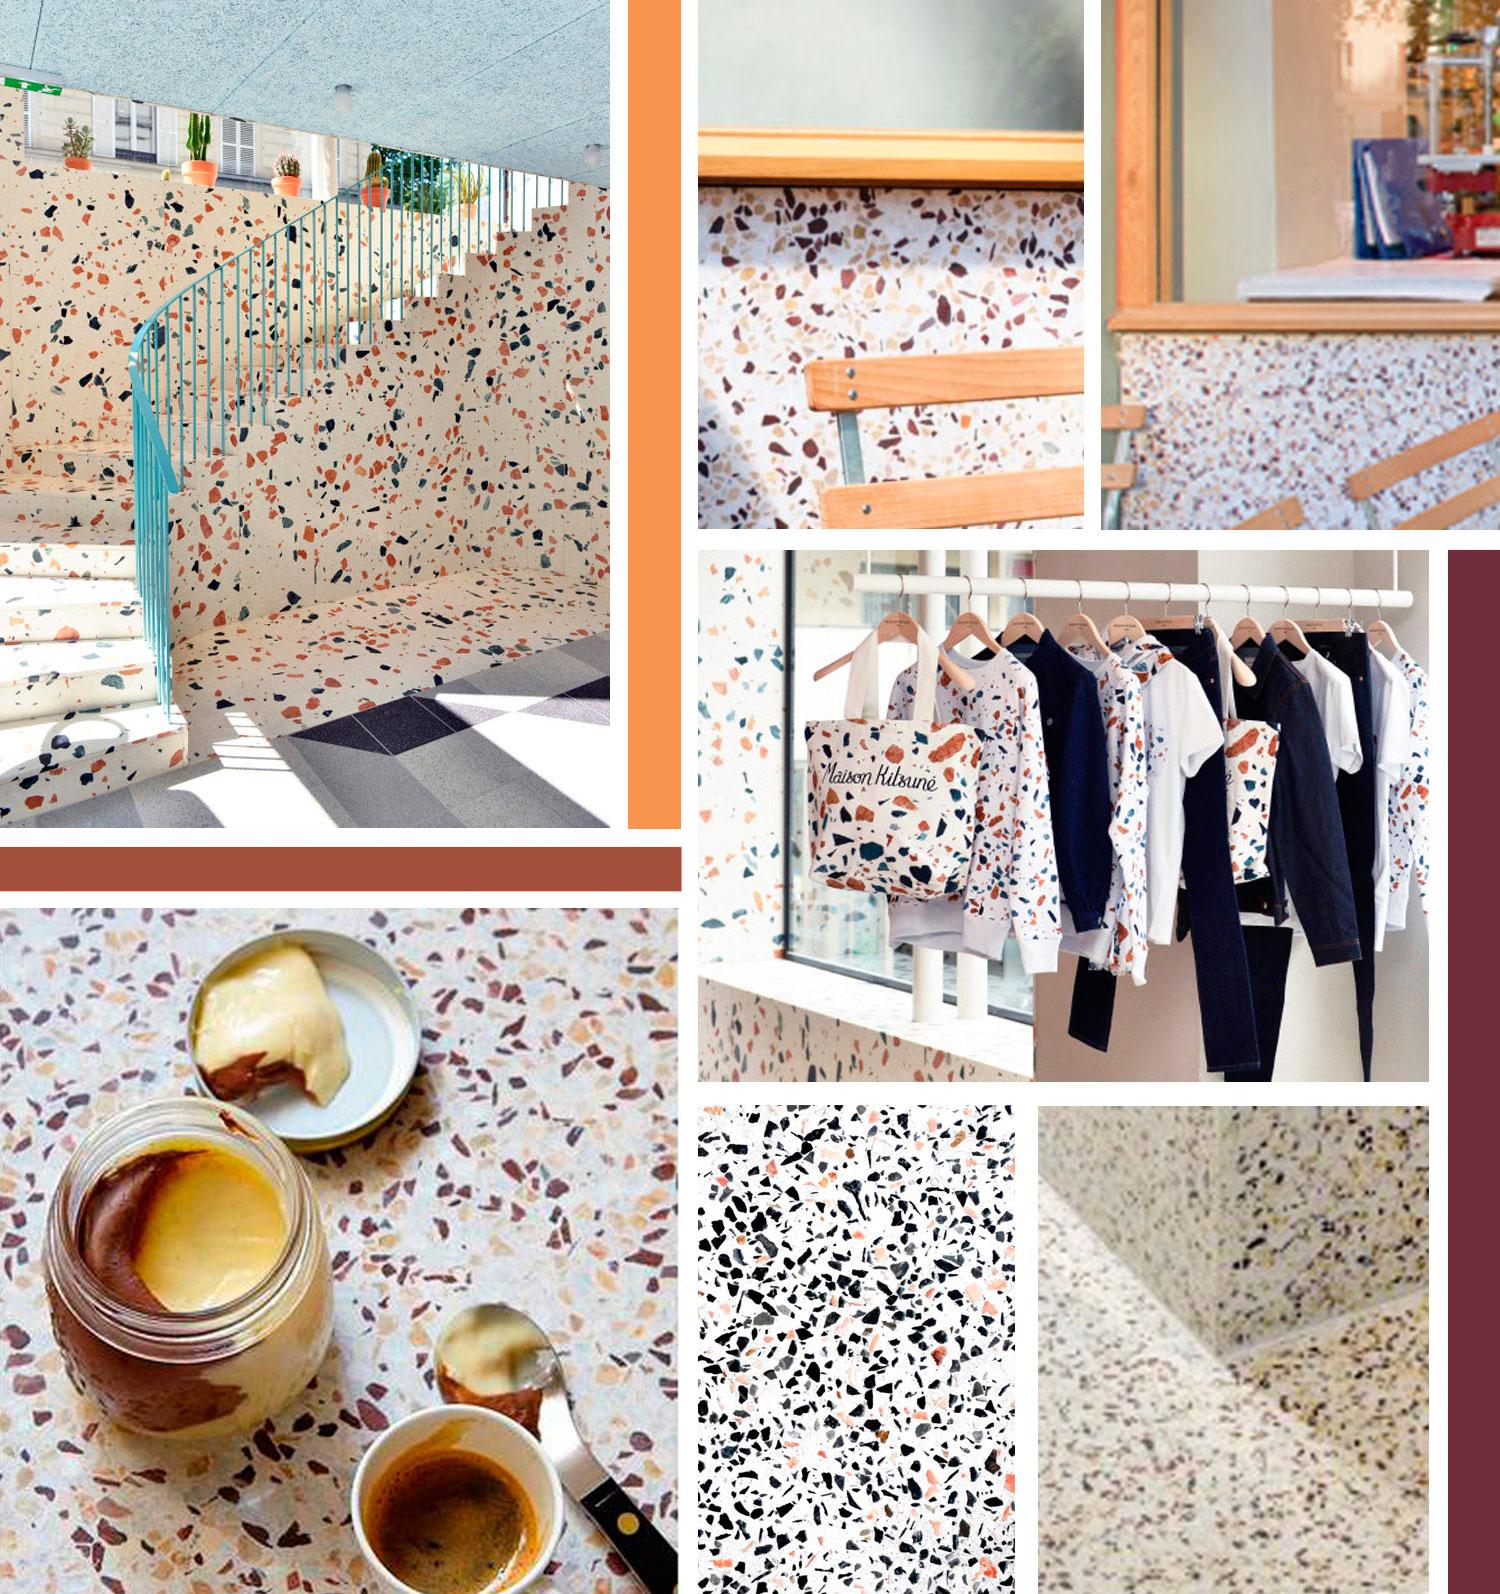 carrelage terrazzo le marbre ou les carreaux de ciment de votre cuisine ou votre salle de. Black Bedroom Furniture Sets. Home Design Ideas